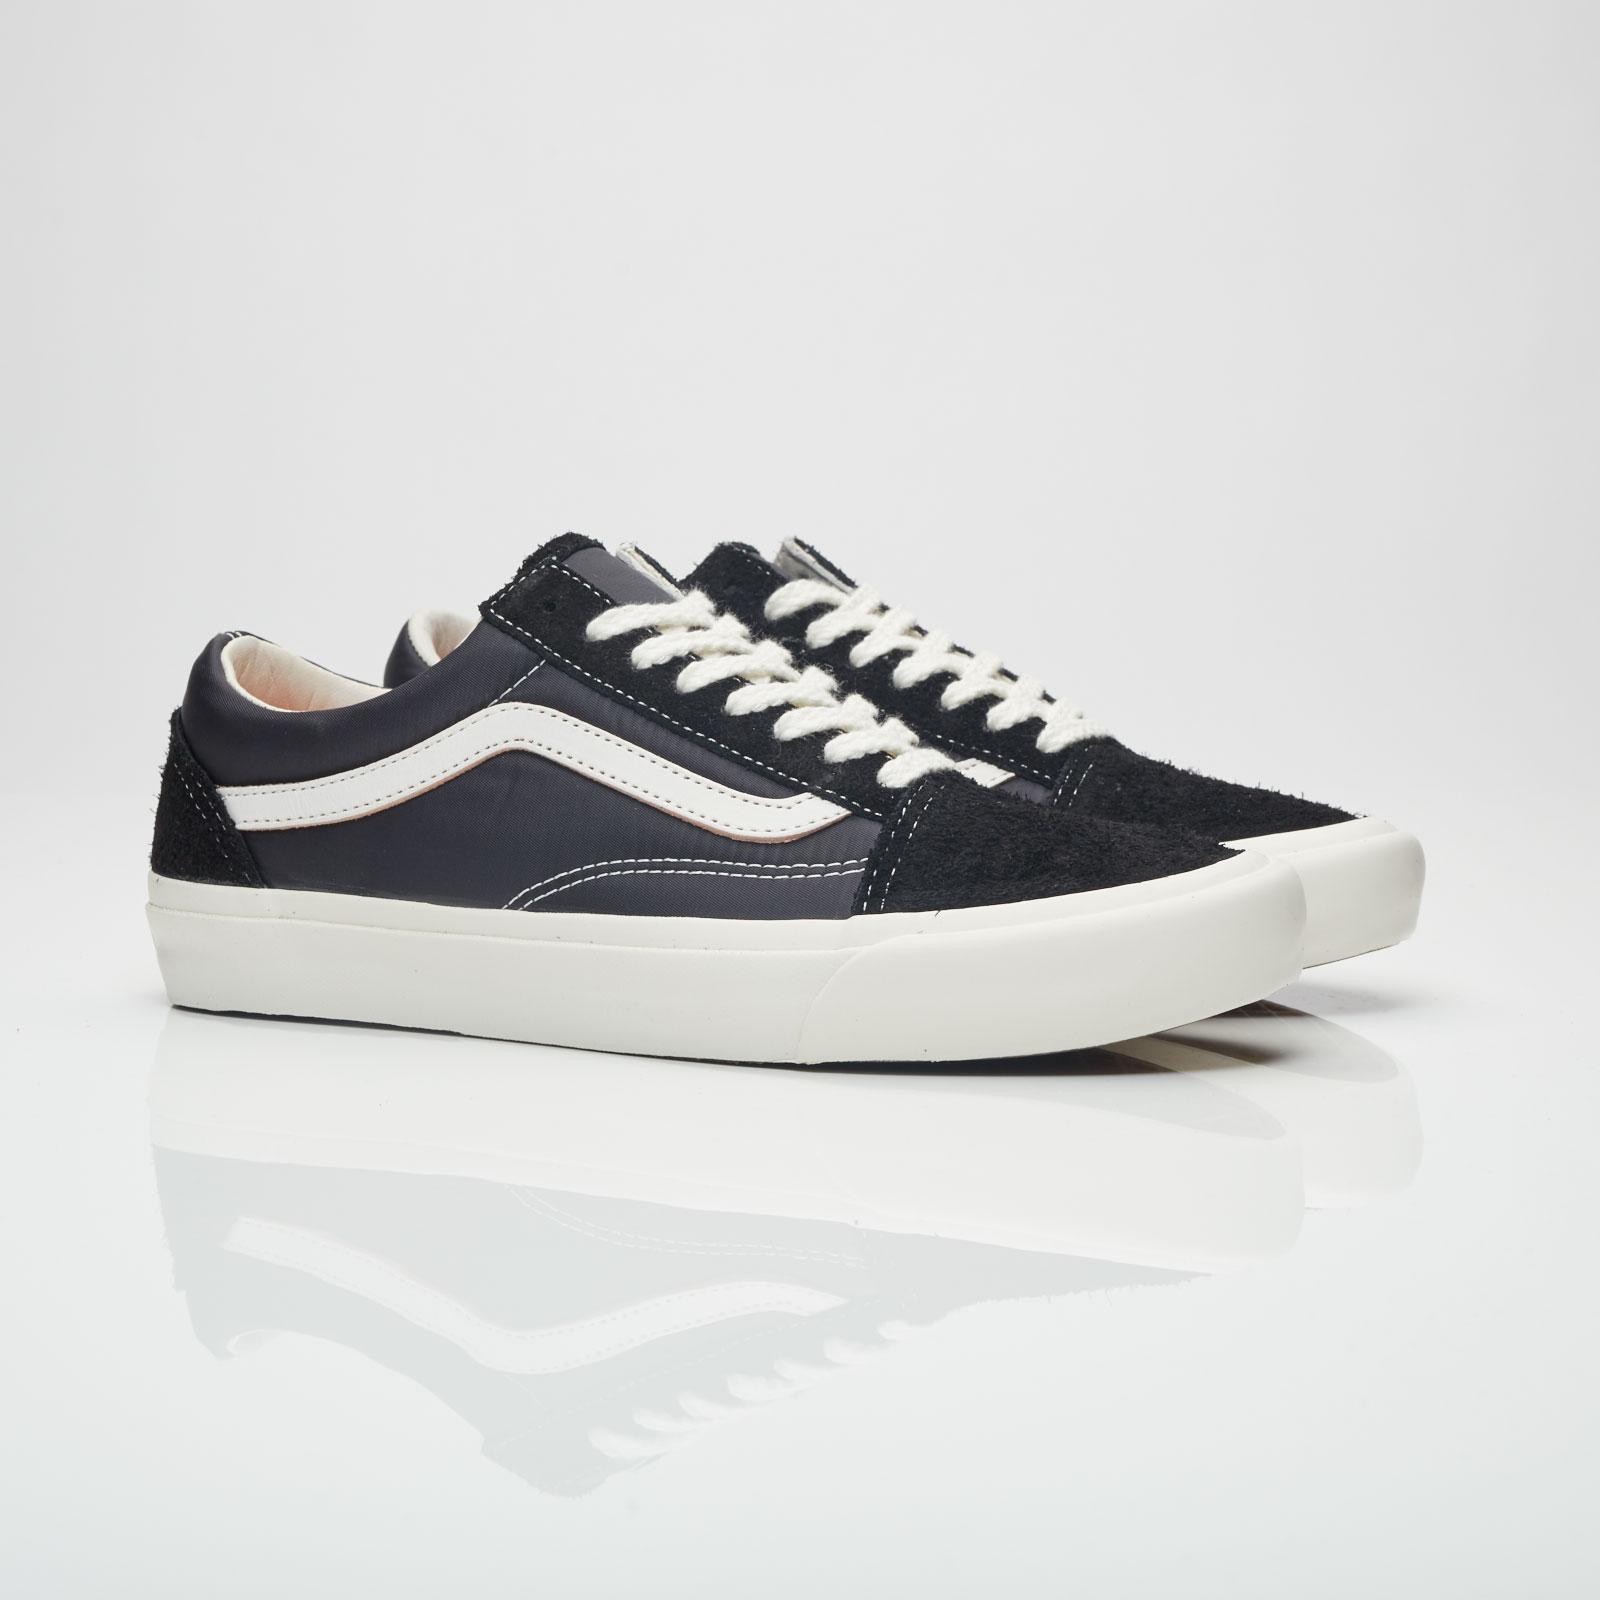 Vans Ua Old Skool Pro 92 Lx Va38g7n86 Sneakersnstuff